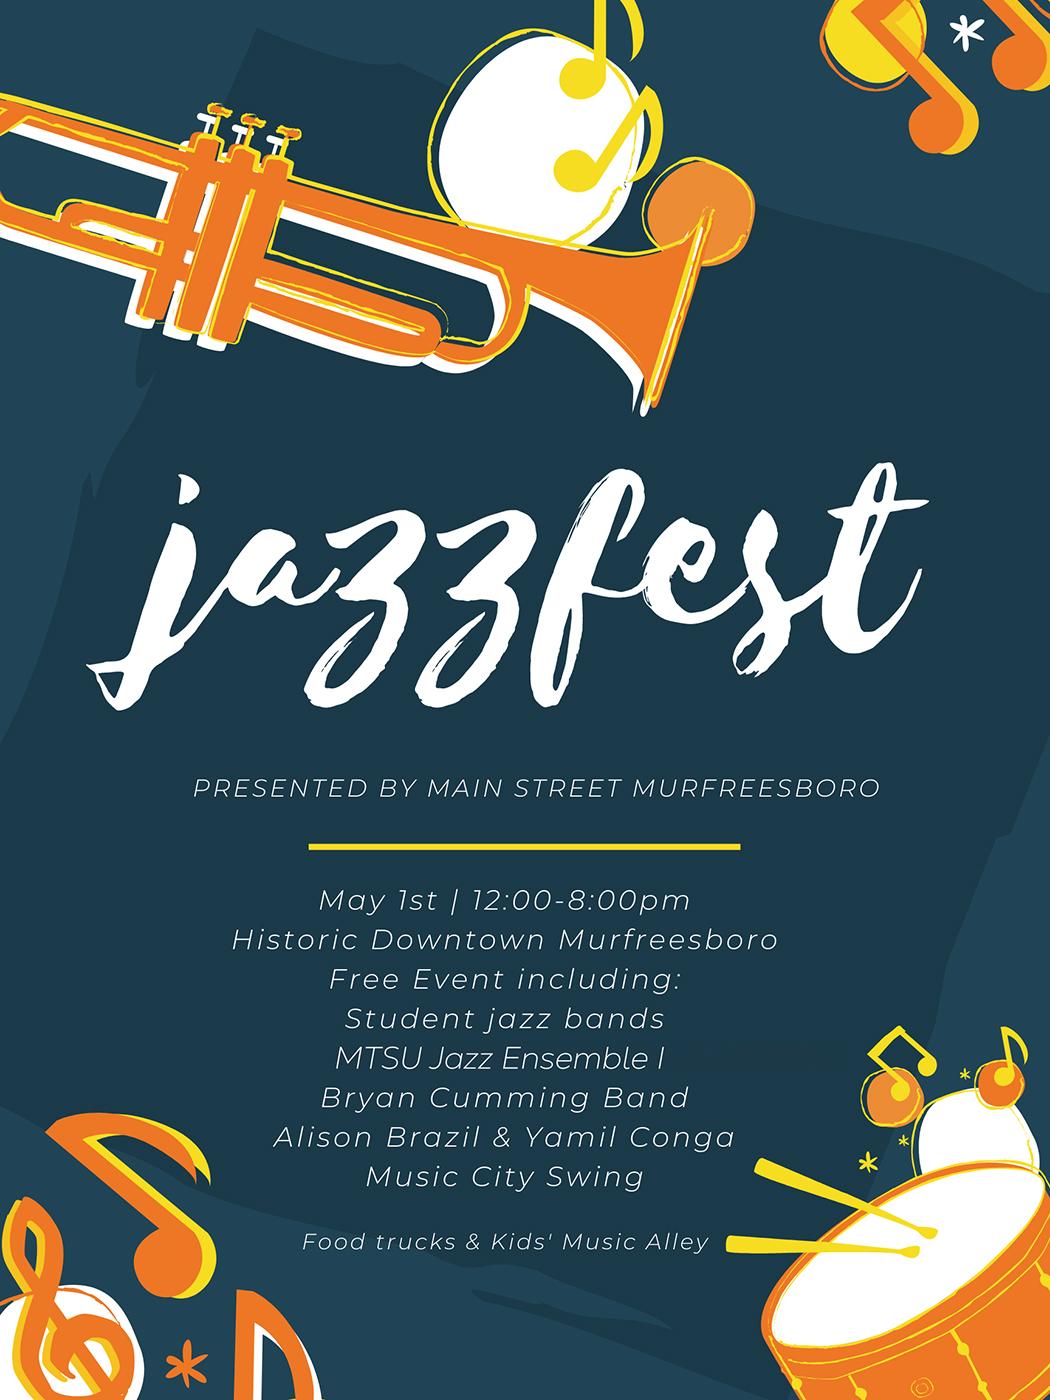 JazzFest 2021 poster from Main Street Murfreesboro